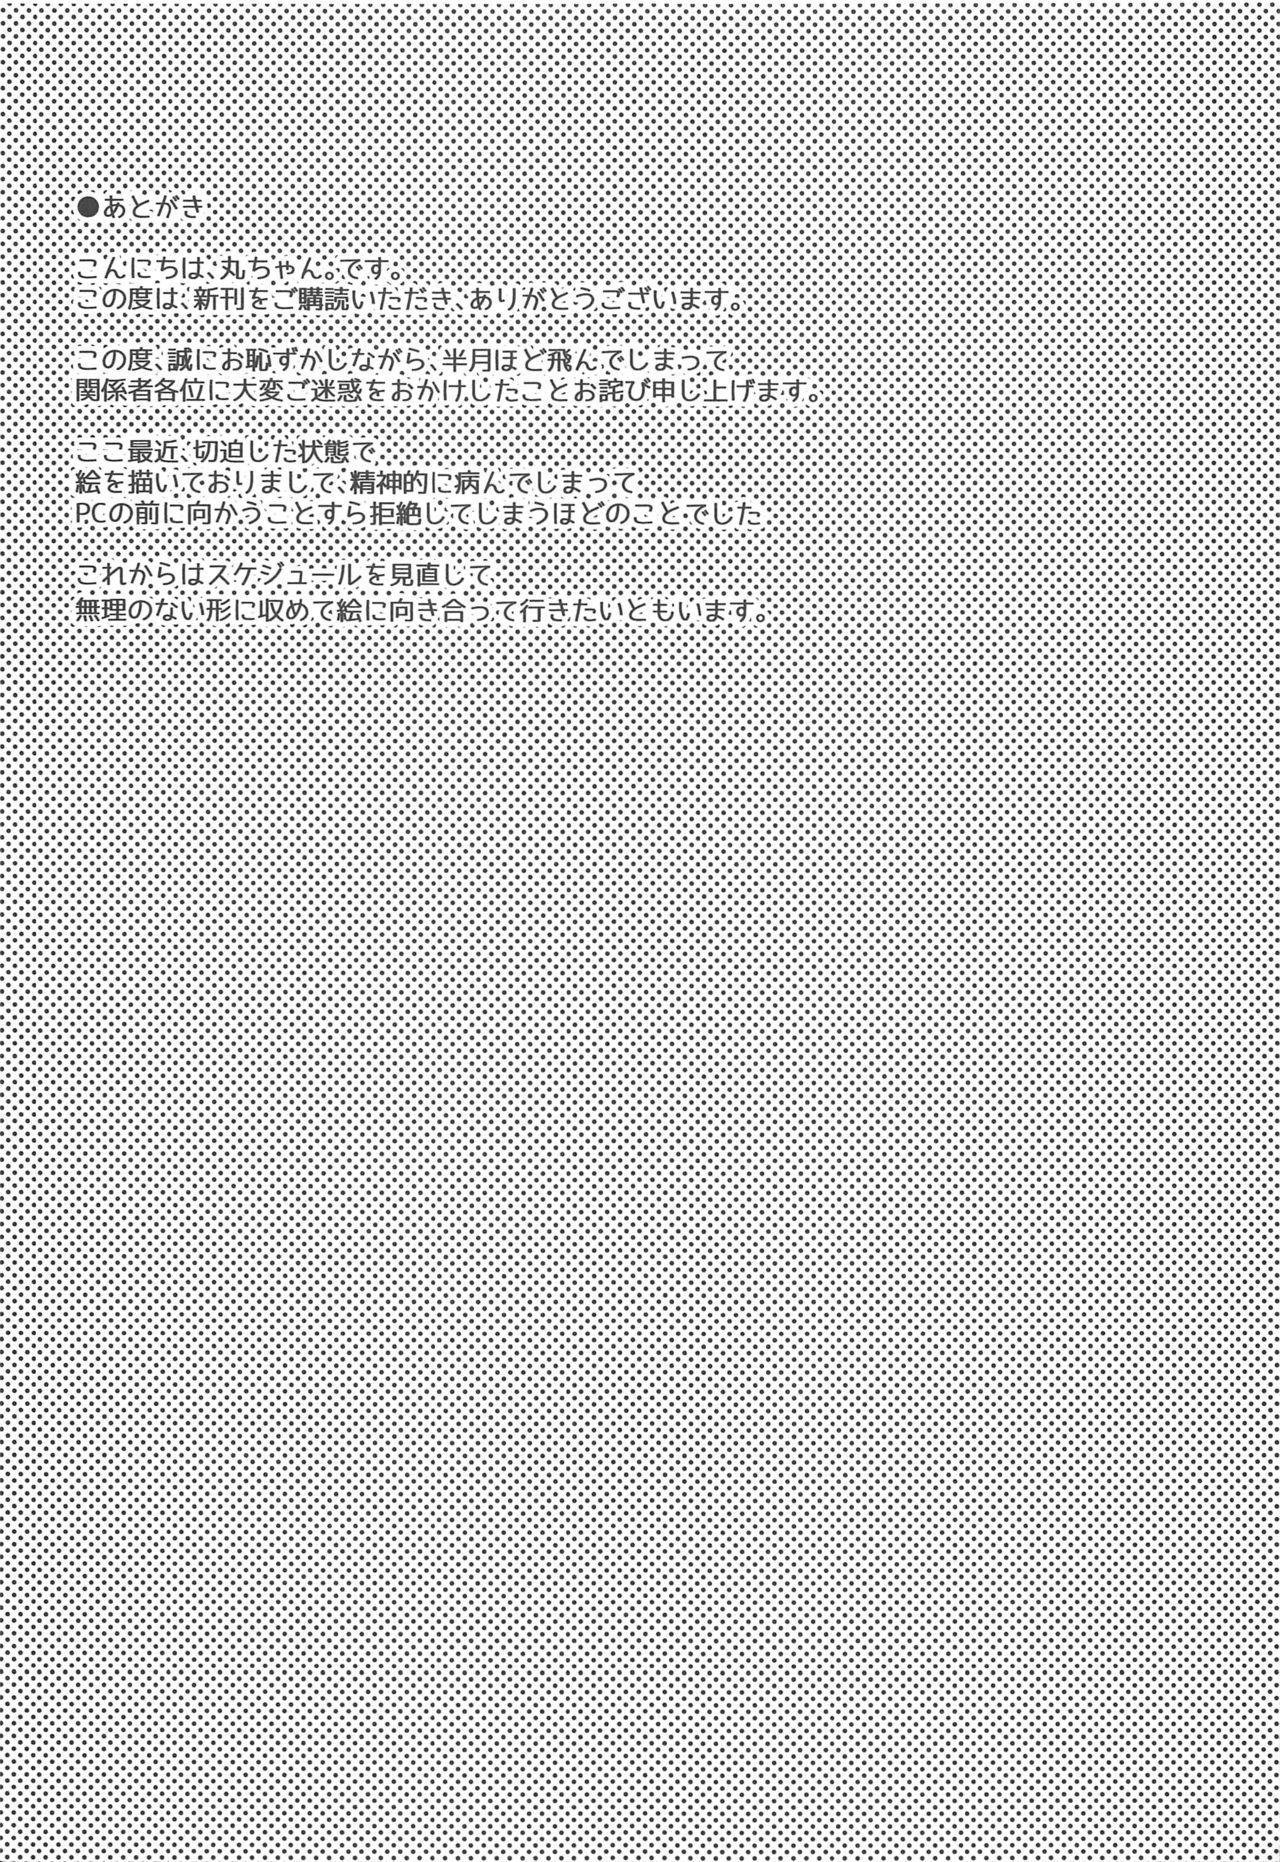 Kokkoro Mama no Shasei Kanri Re:Make 11